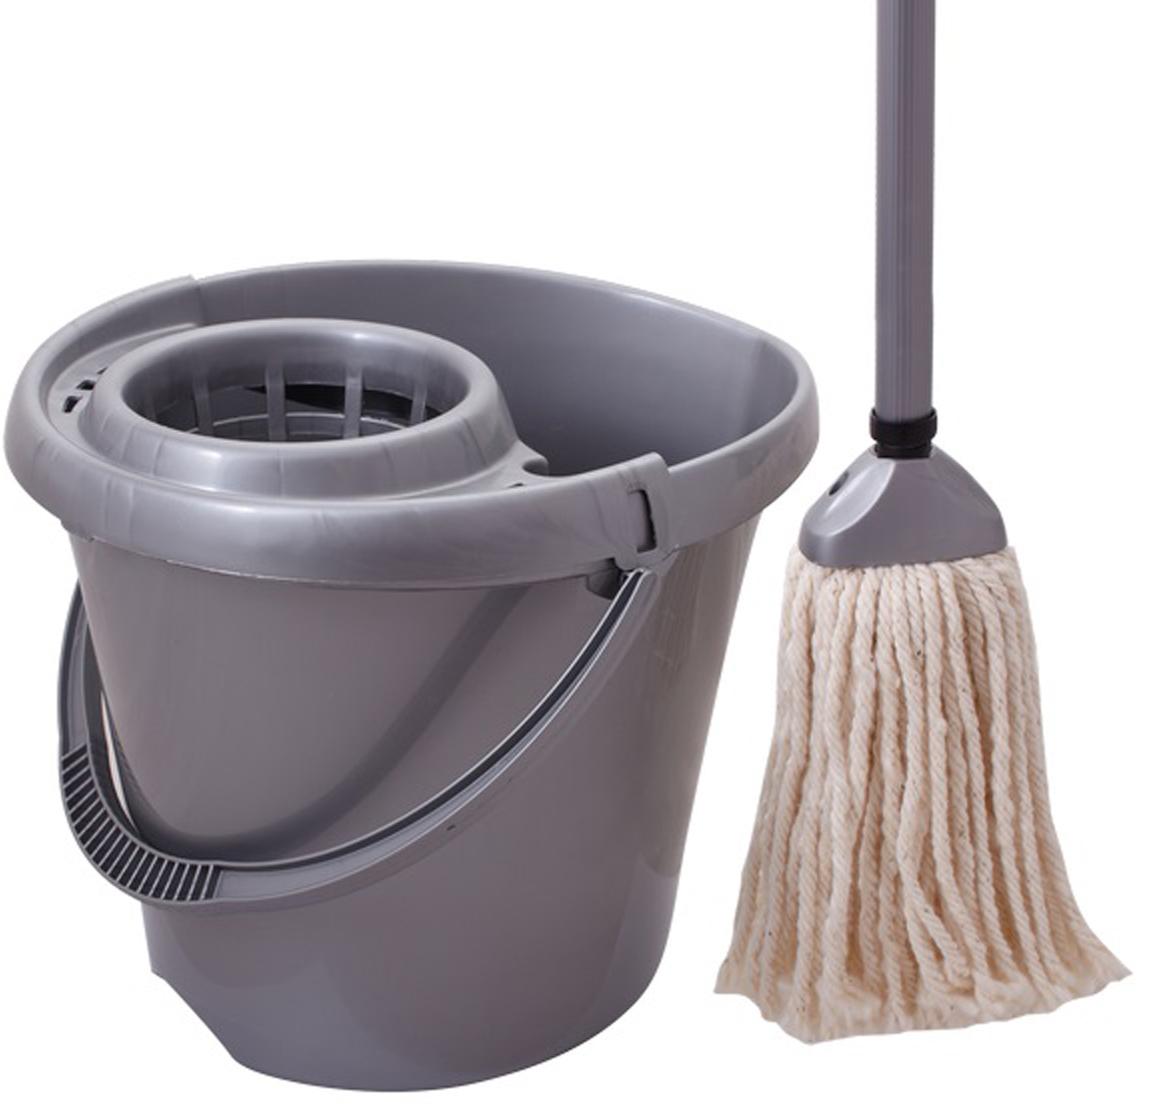 Комплект для влажной уборки Svip Моп, цвет: серебристый комплект для уборки ecovacs d76